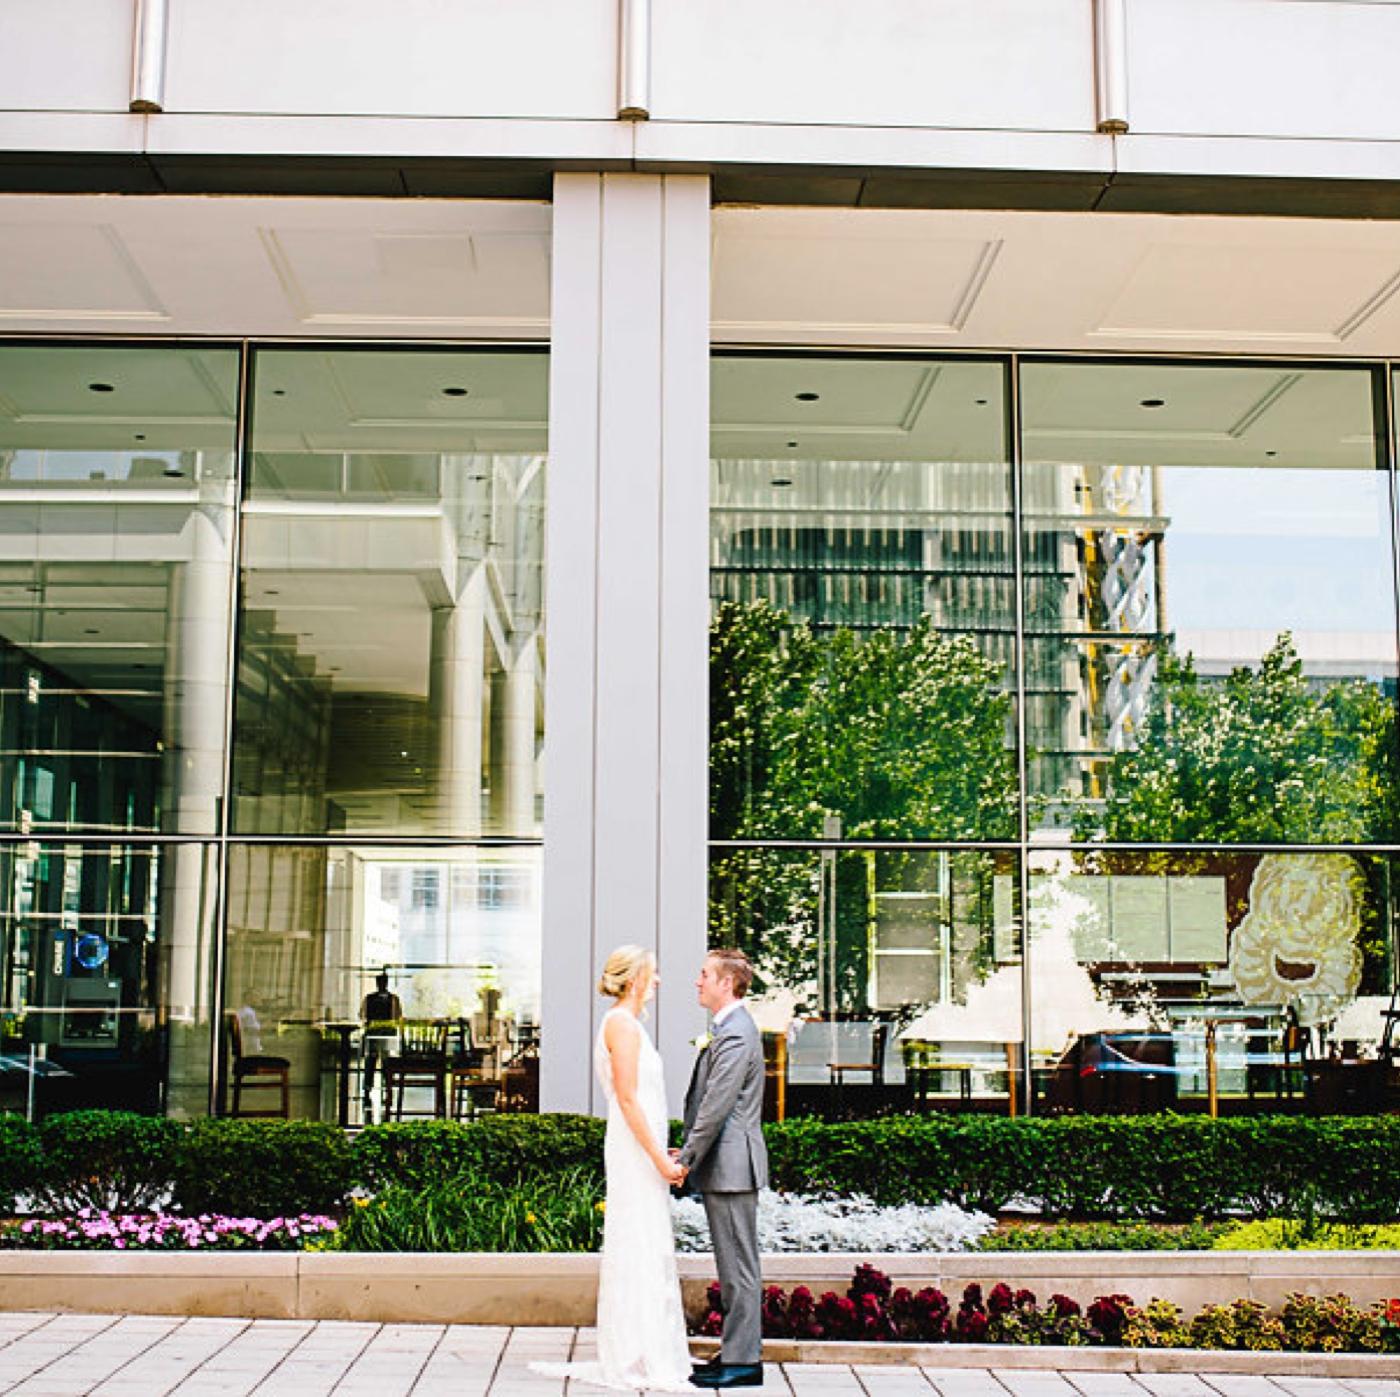 chicago-fine-art-wedding-photography-hrebic4